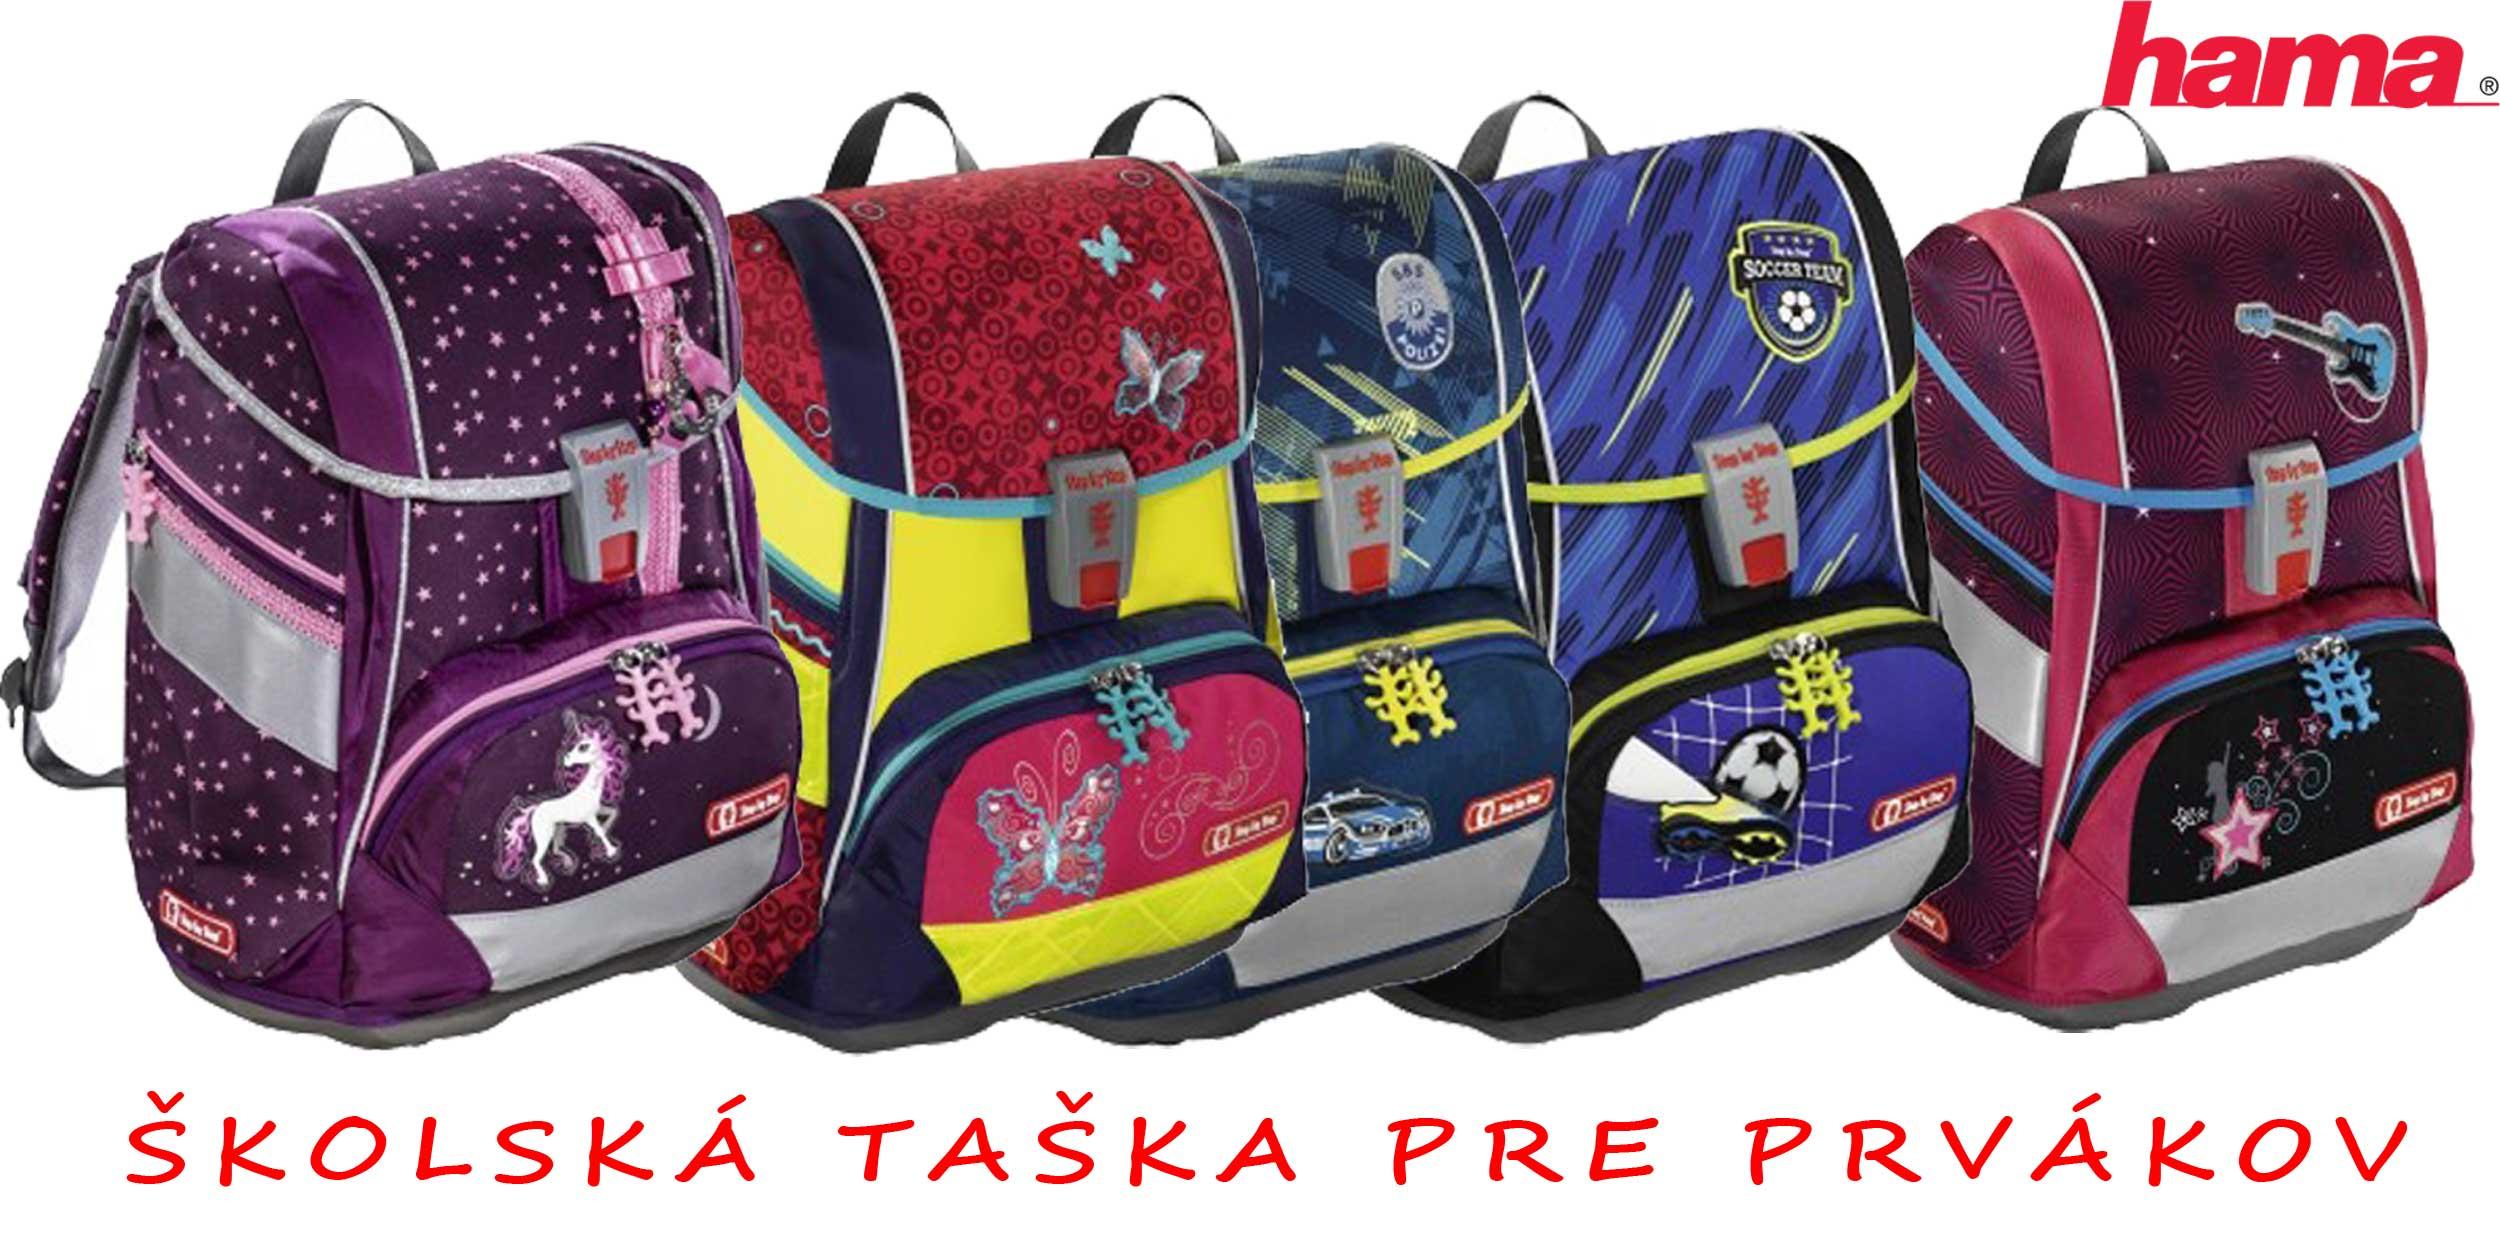 873934a979 Školská taška pre prvákov sety